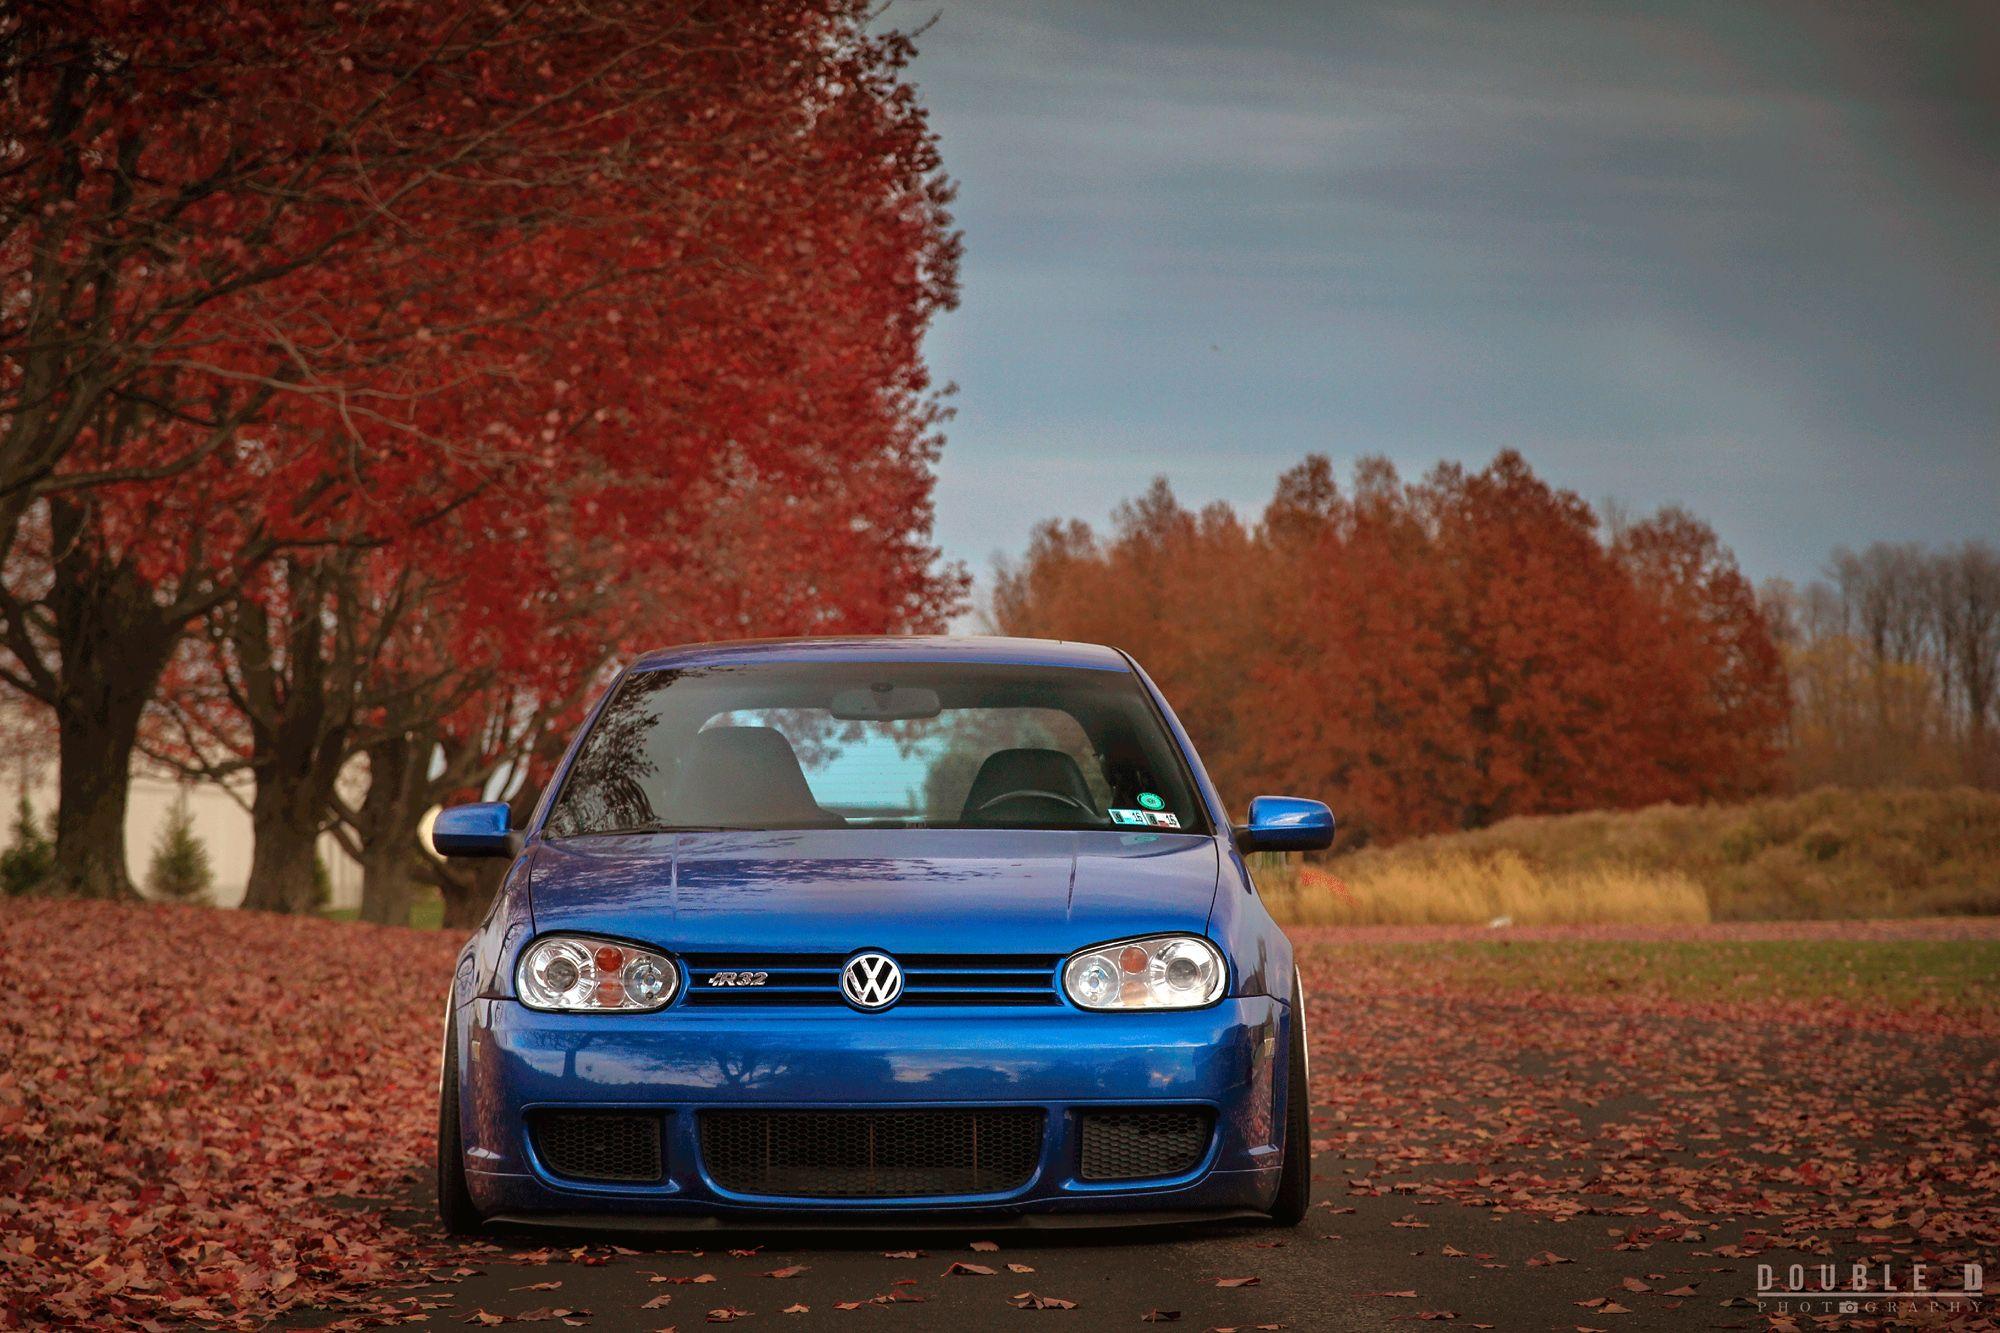 Volkswagen Golf Mk4 R32 Vw Golf Mk4 Vw Golf Volkswagen